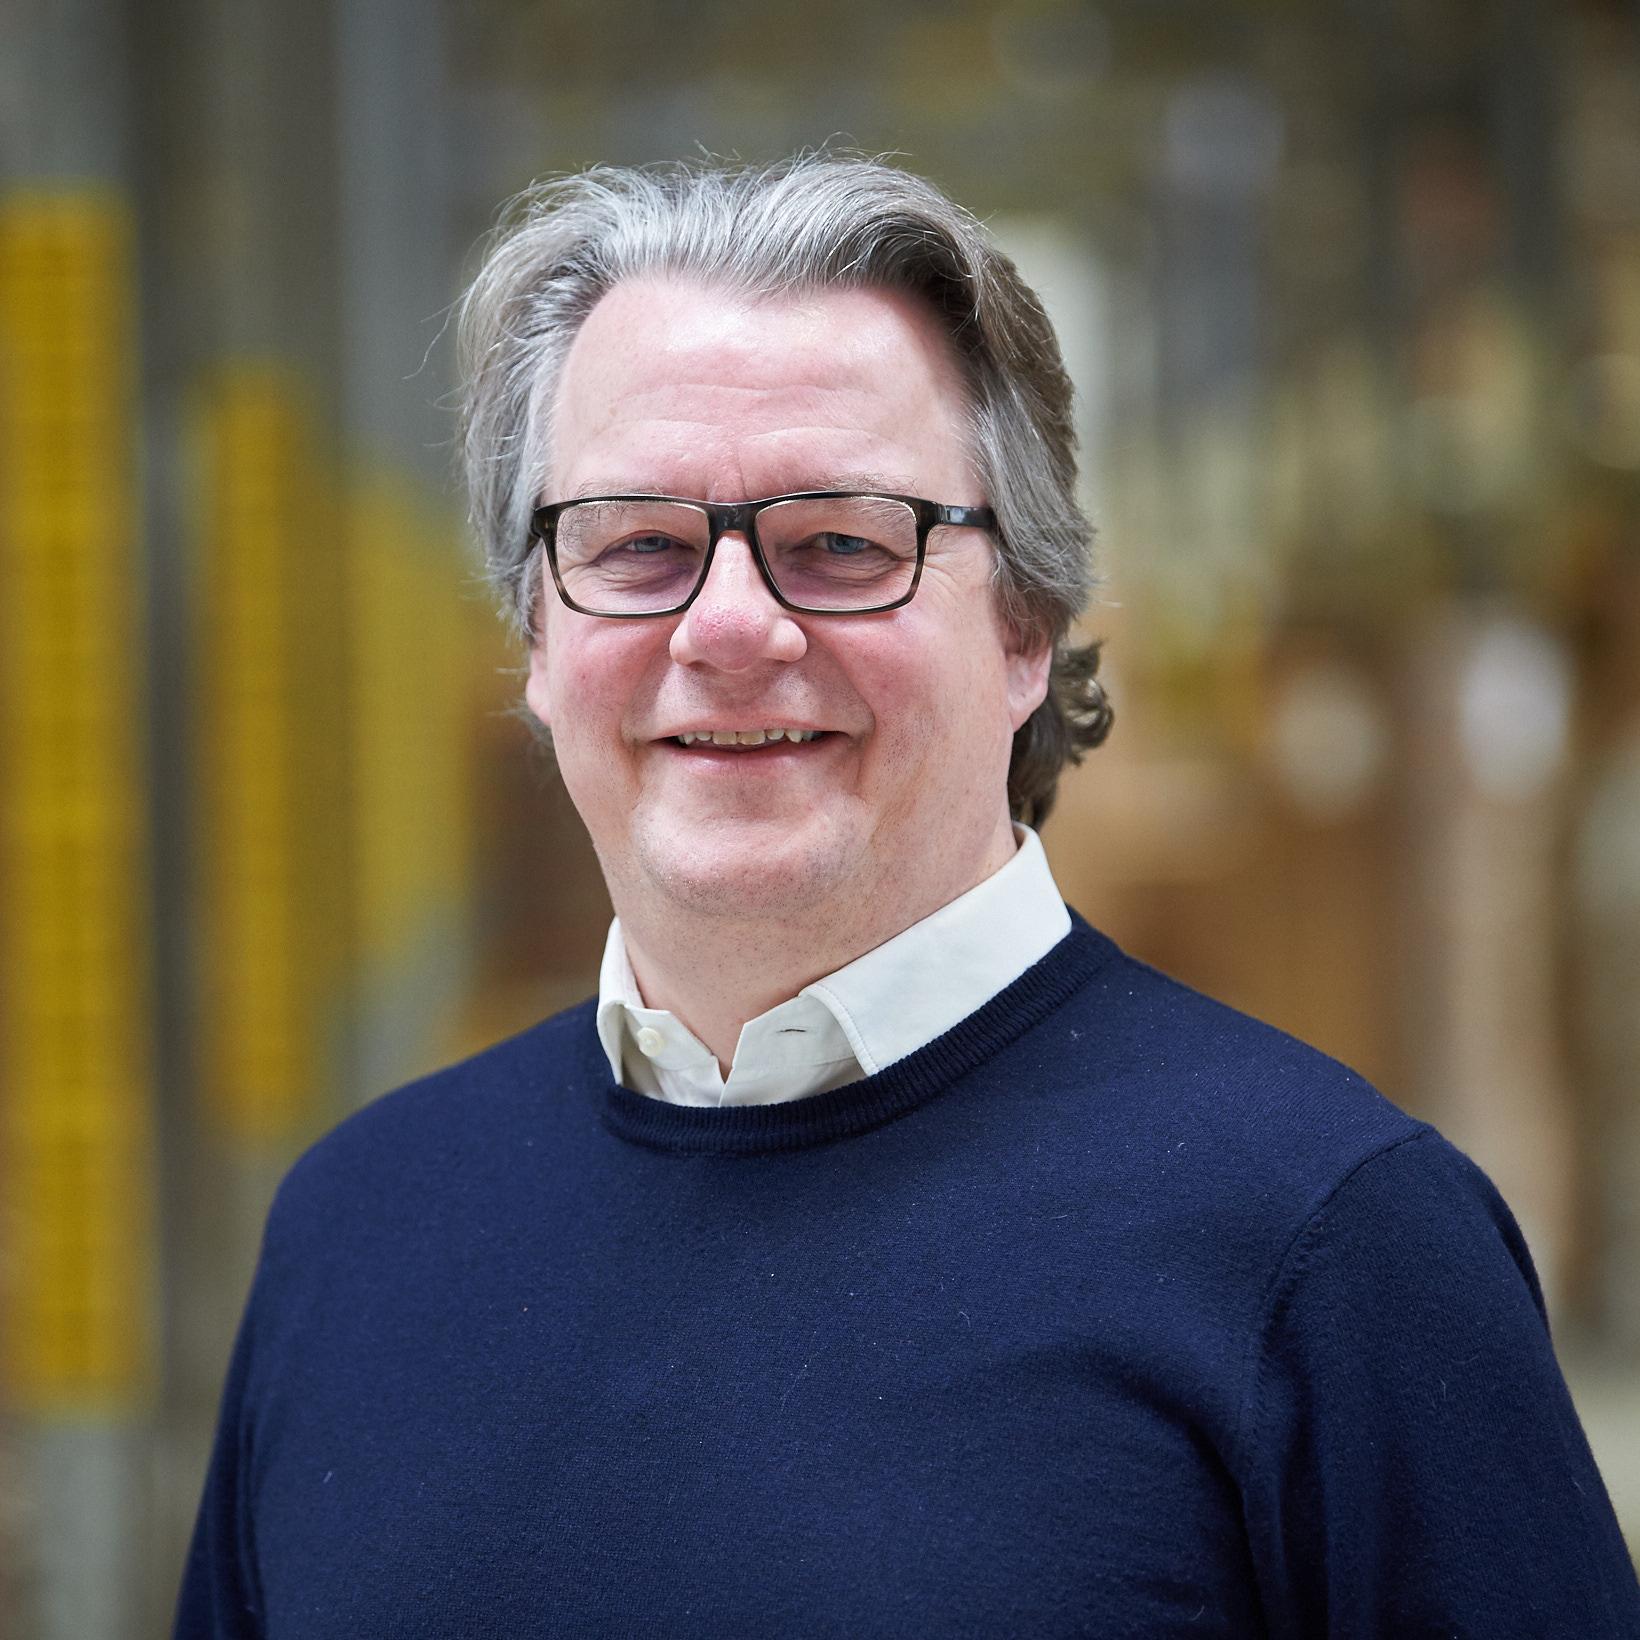 Christoph Maas